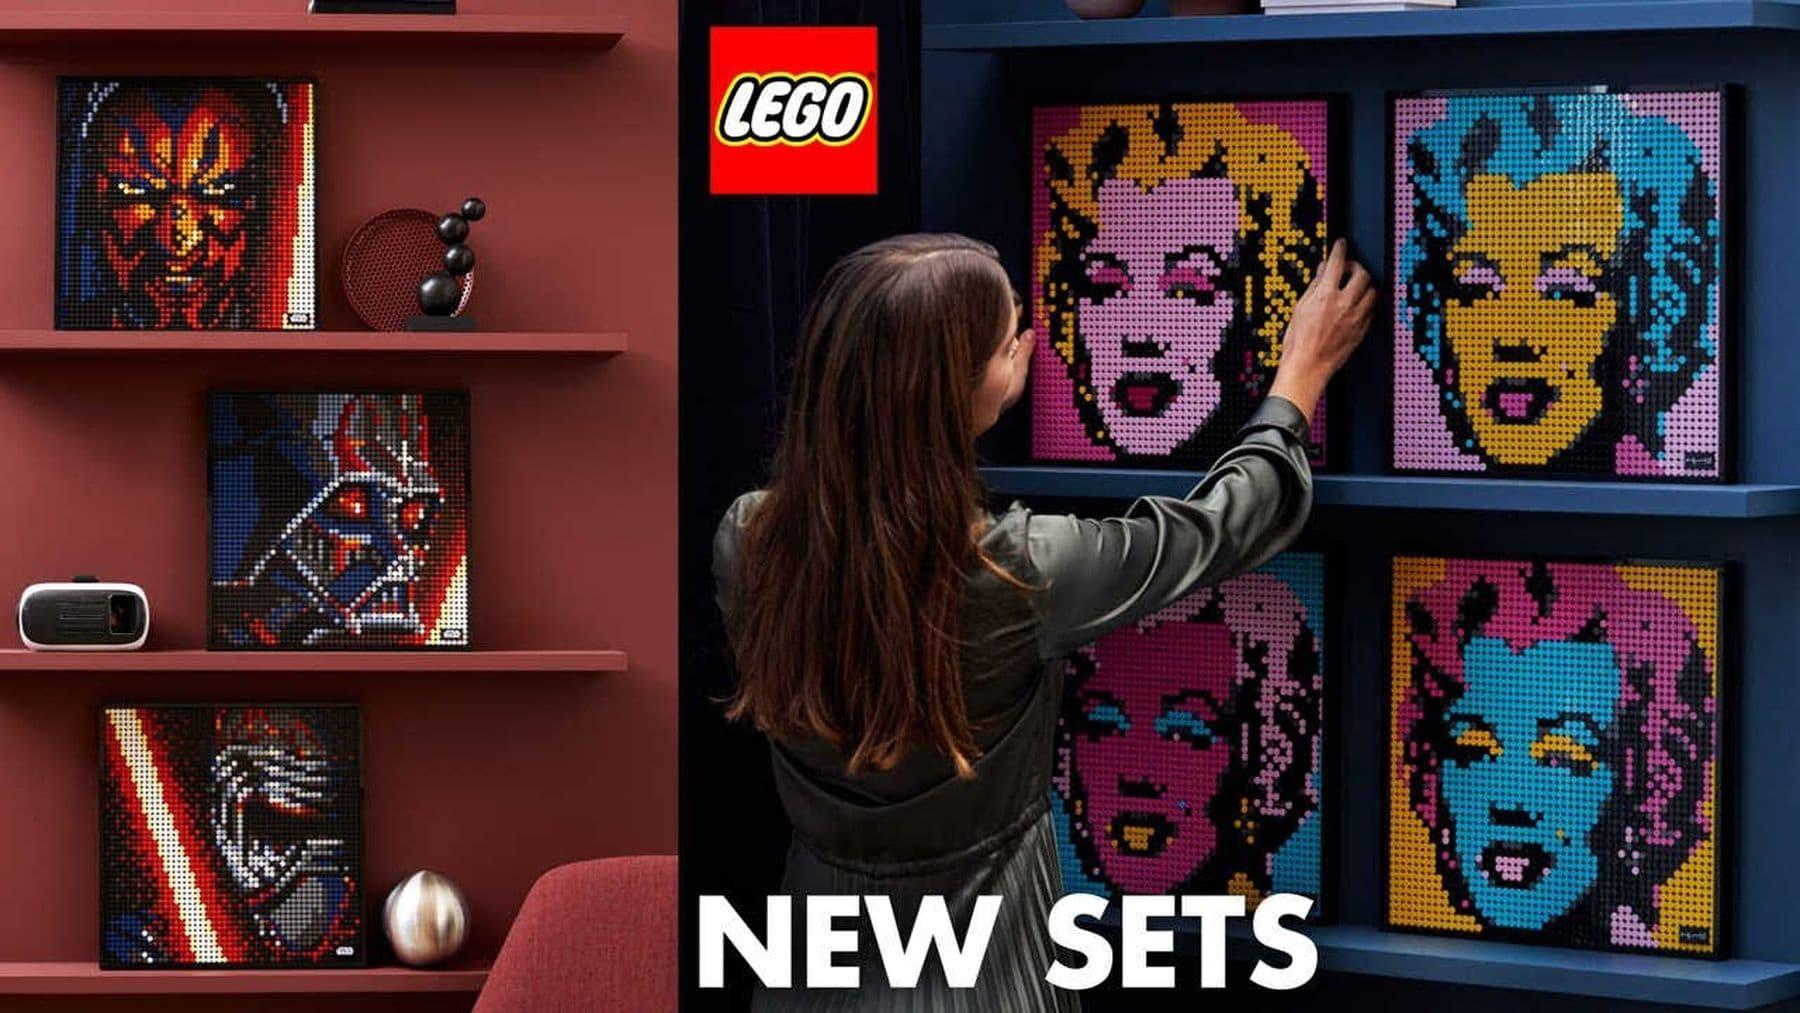 LEGO-Puzzle-Bilder mit Sound | Gadgets | Was is hier eigentlich los?